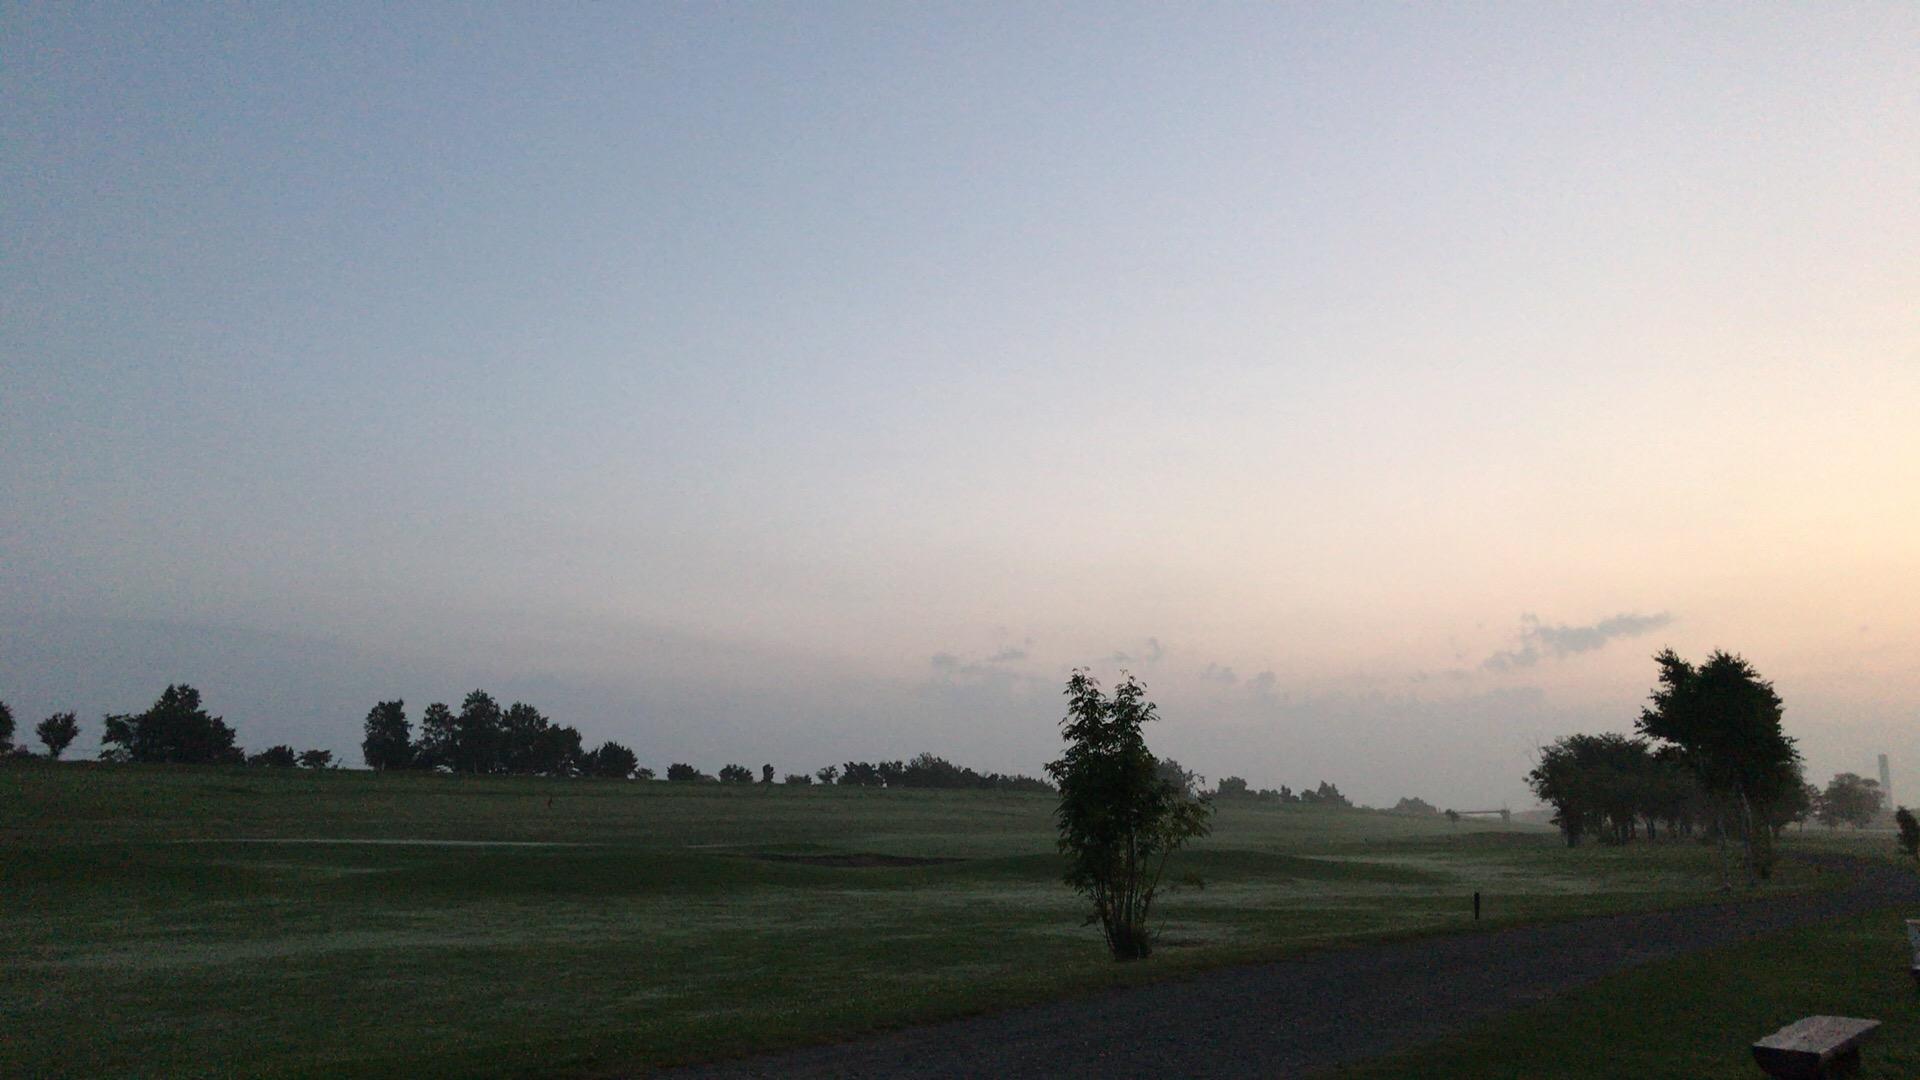 ニューしのつゴルフ場でバーディラッシュ